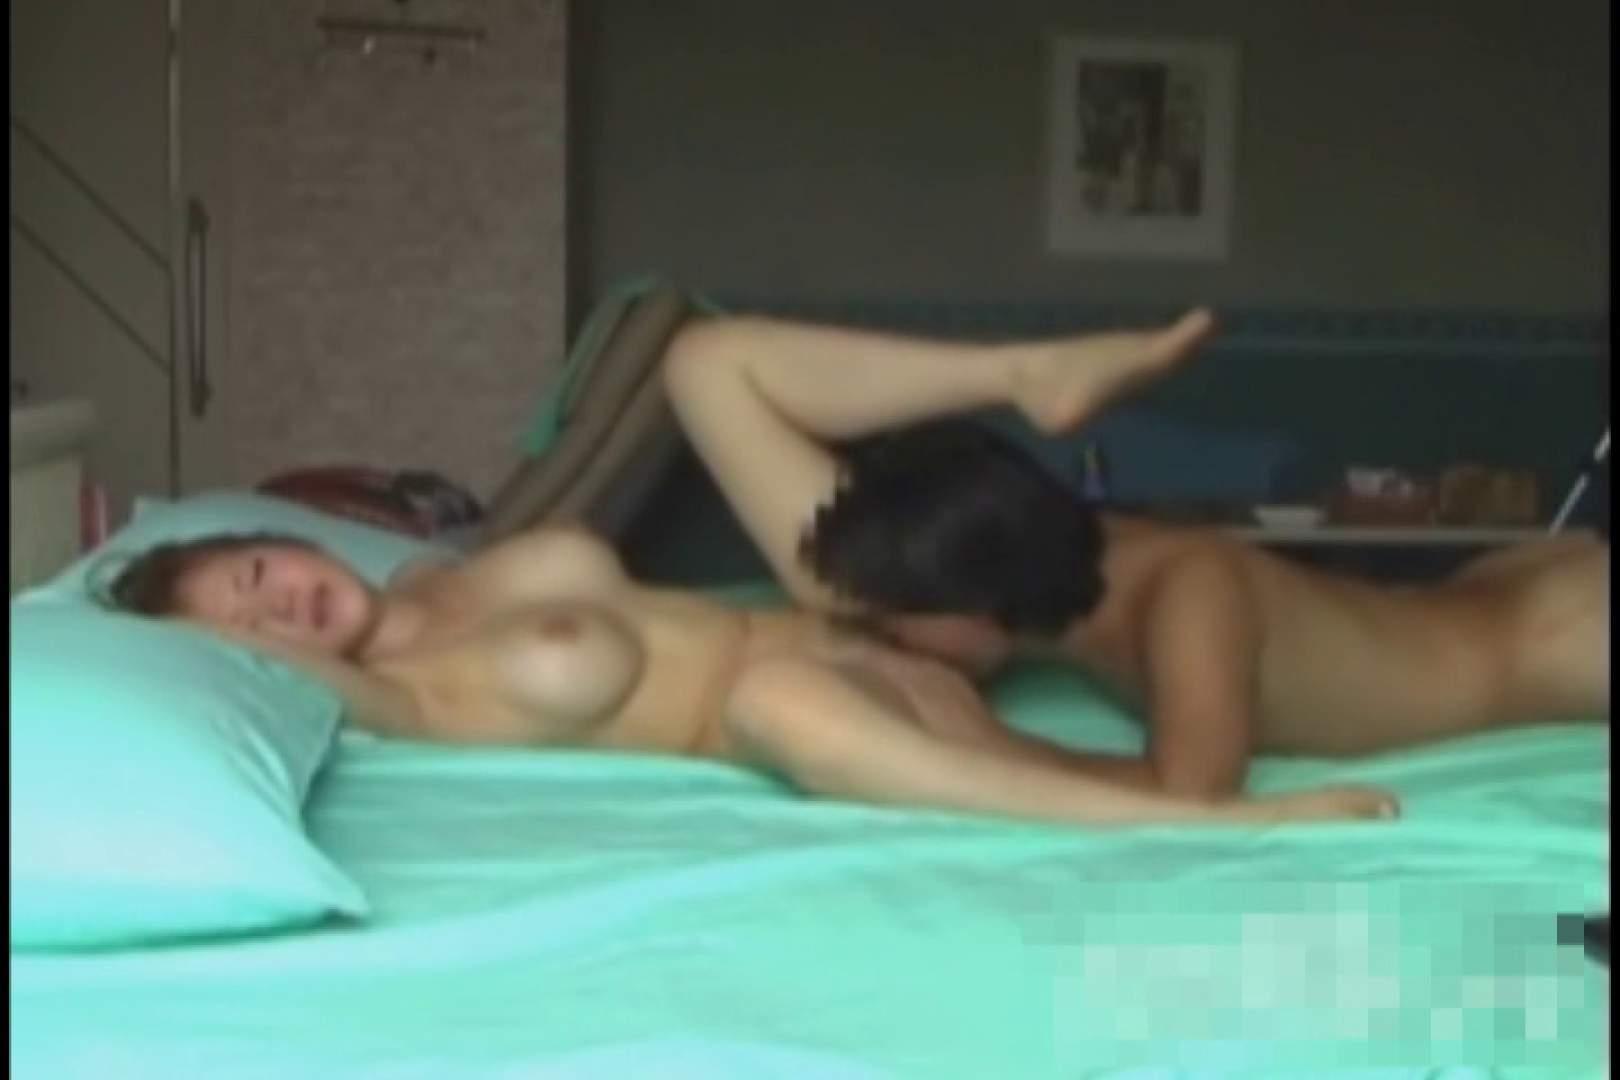 淫乱嬢レミちゃんとハメ撮りSEX SEX本番  93画像 15